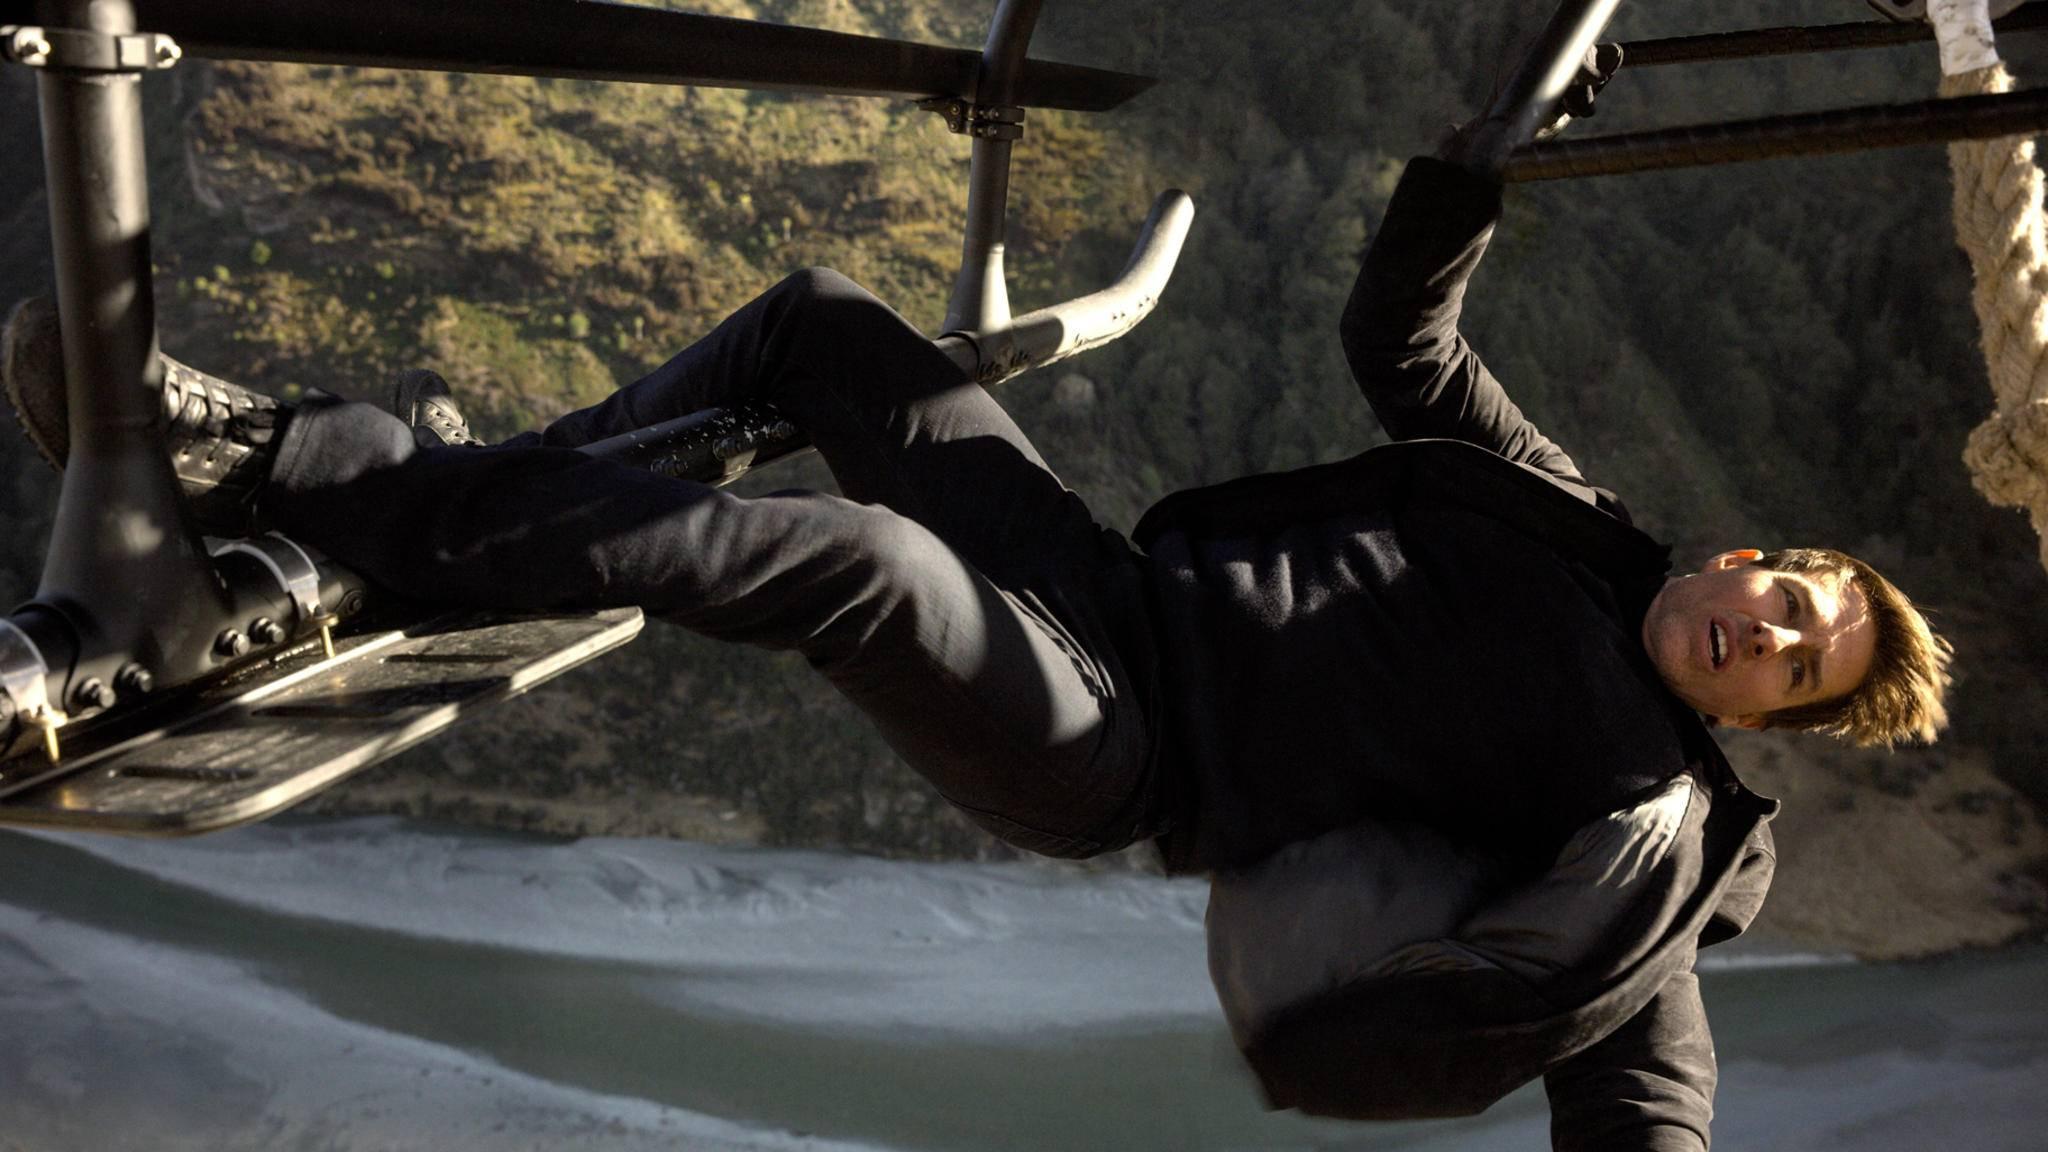 """Actionreiche Szenen wie in """"Mission: Impossible 6 – Fallout"""" gehören vor allem bei neueren Tom-Cruise-Filmen zum guten Ton."""